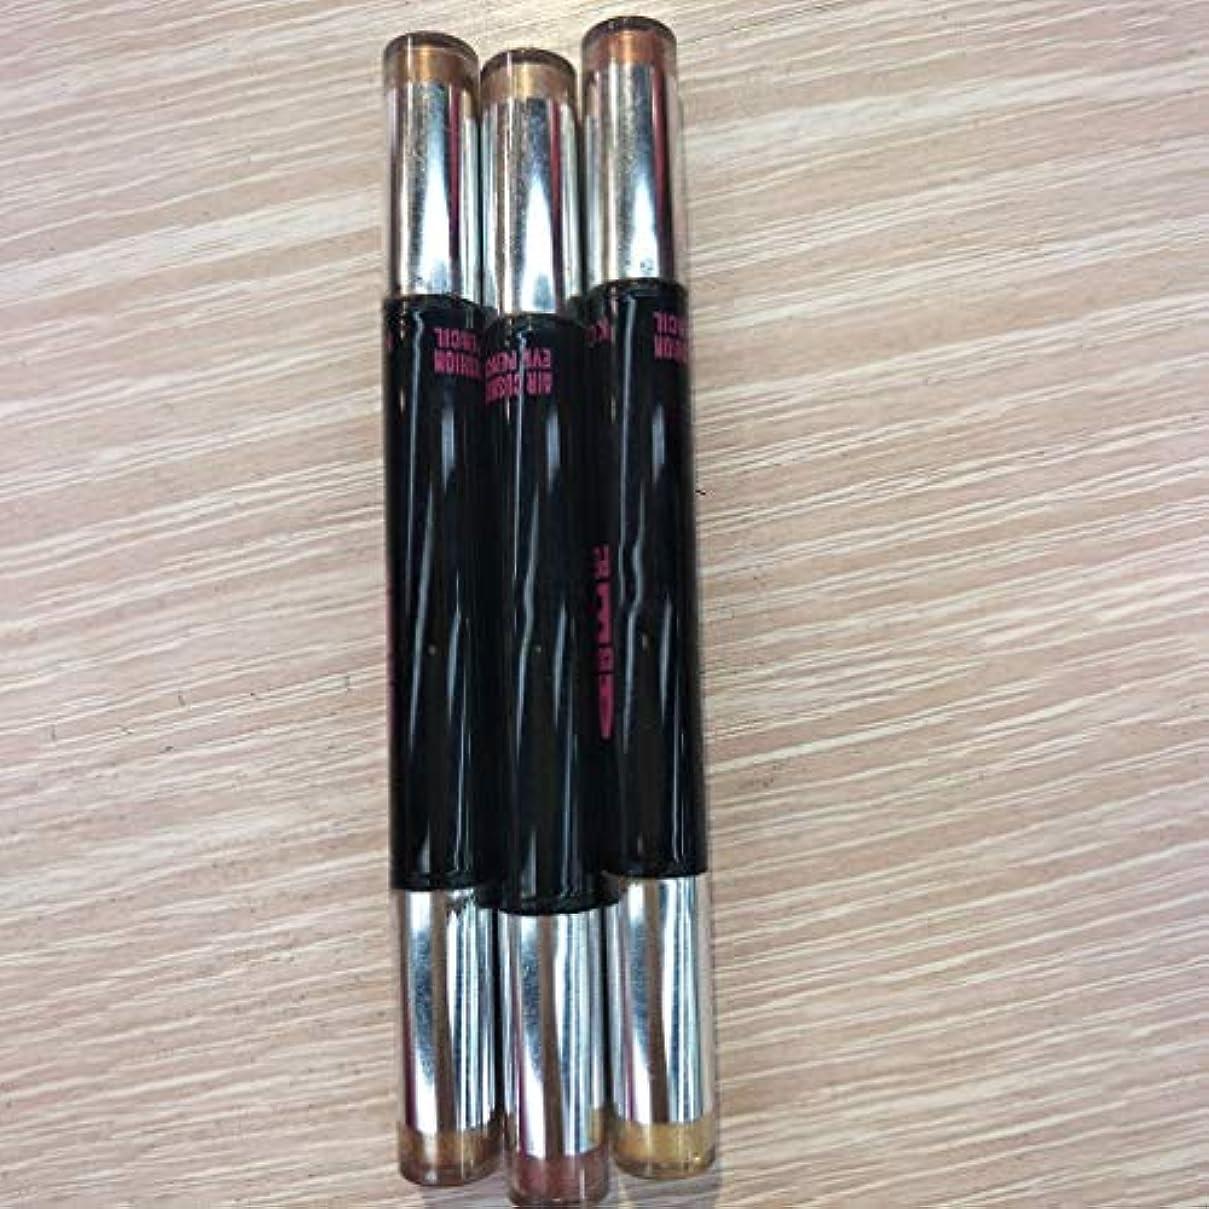 湖オデュッセウスナースダブルヘッドアイシャドウスティックナチュラルエアクッショングリッターアイシャドウペンメイク鉛筆化粧品のツールを長持ち